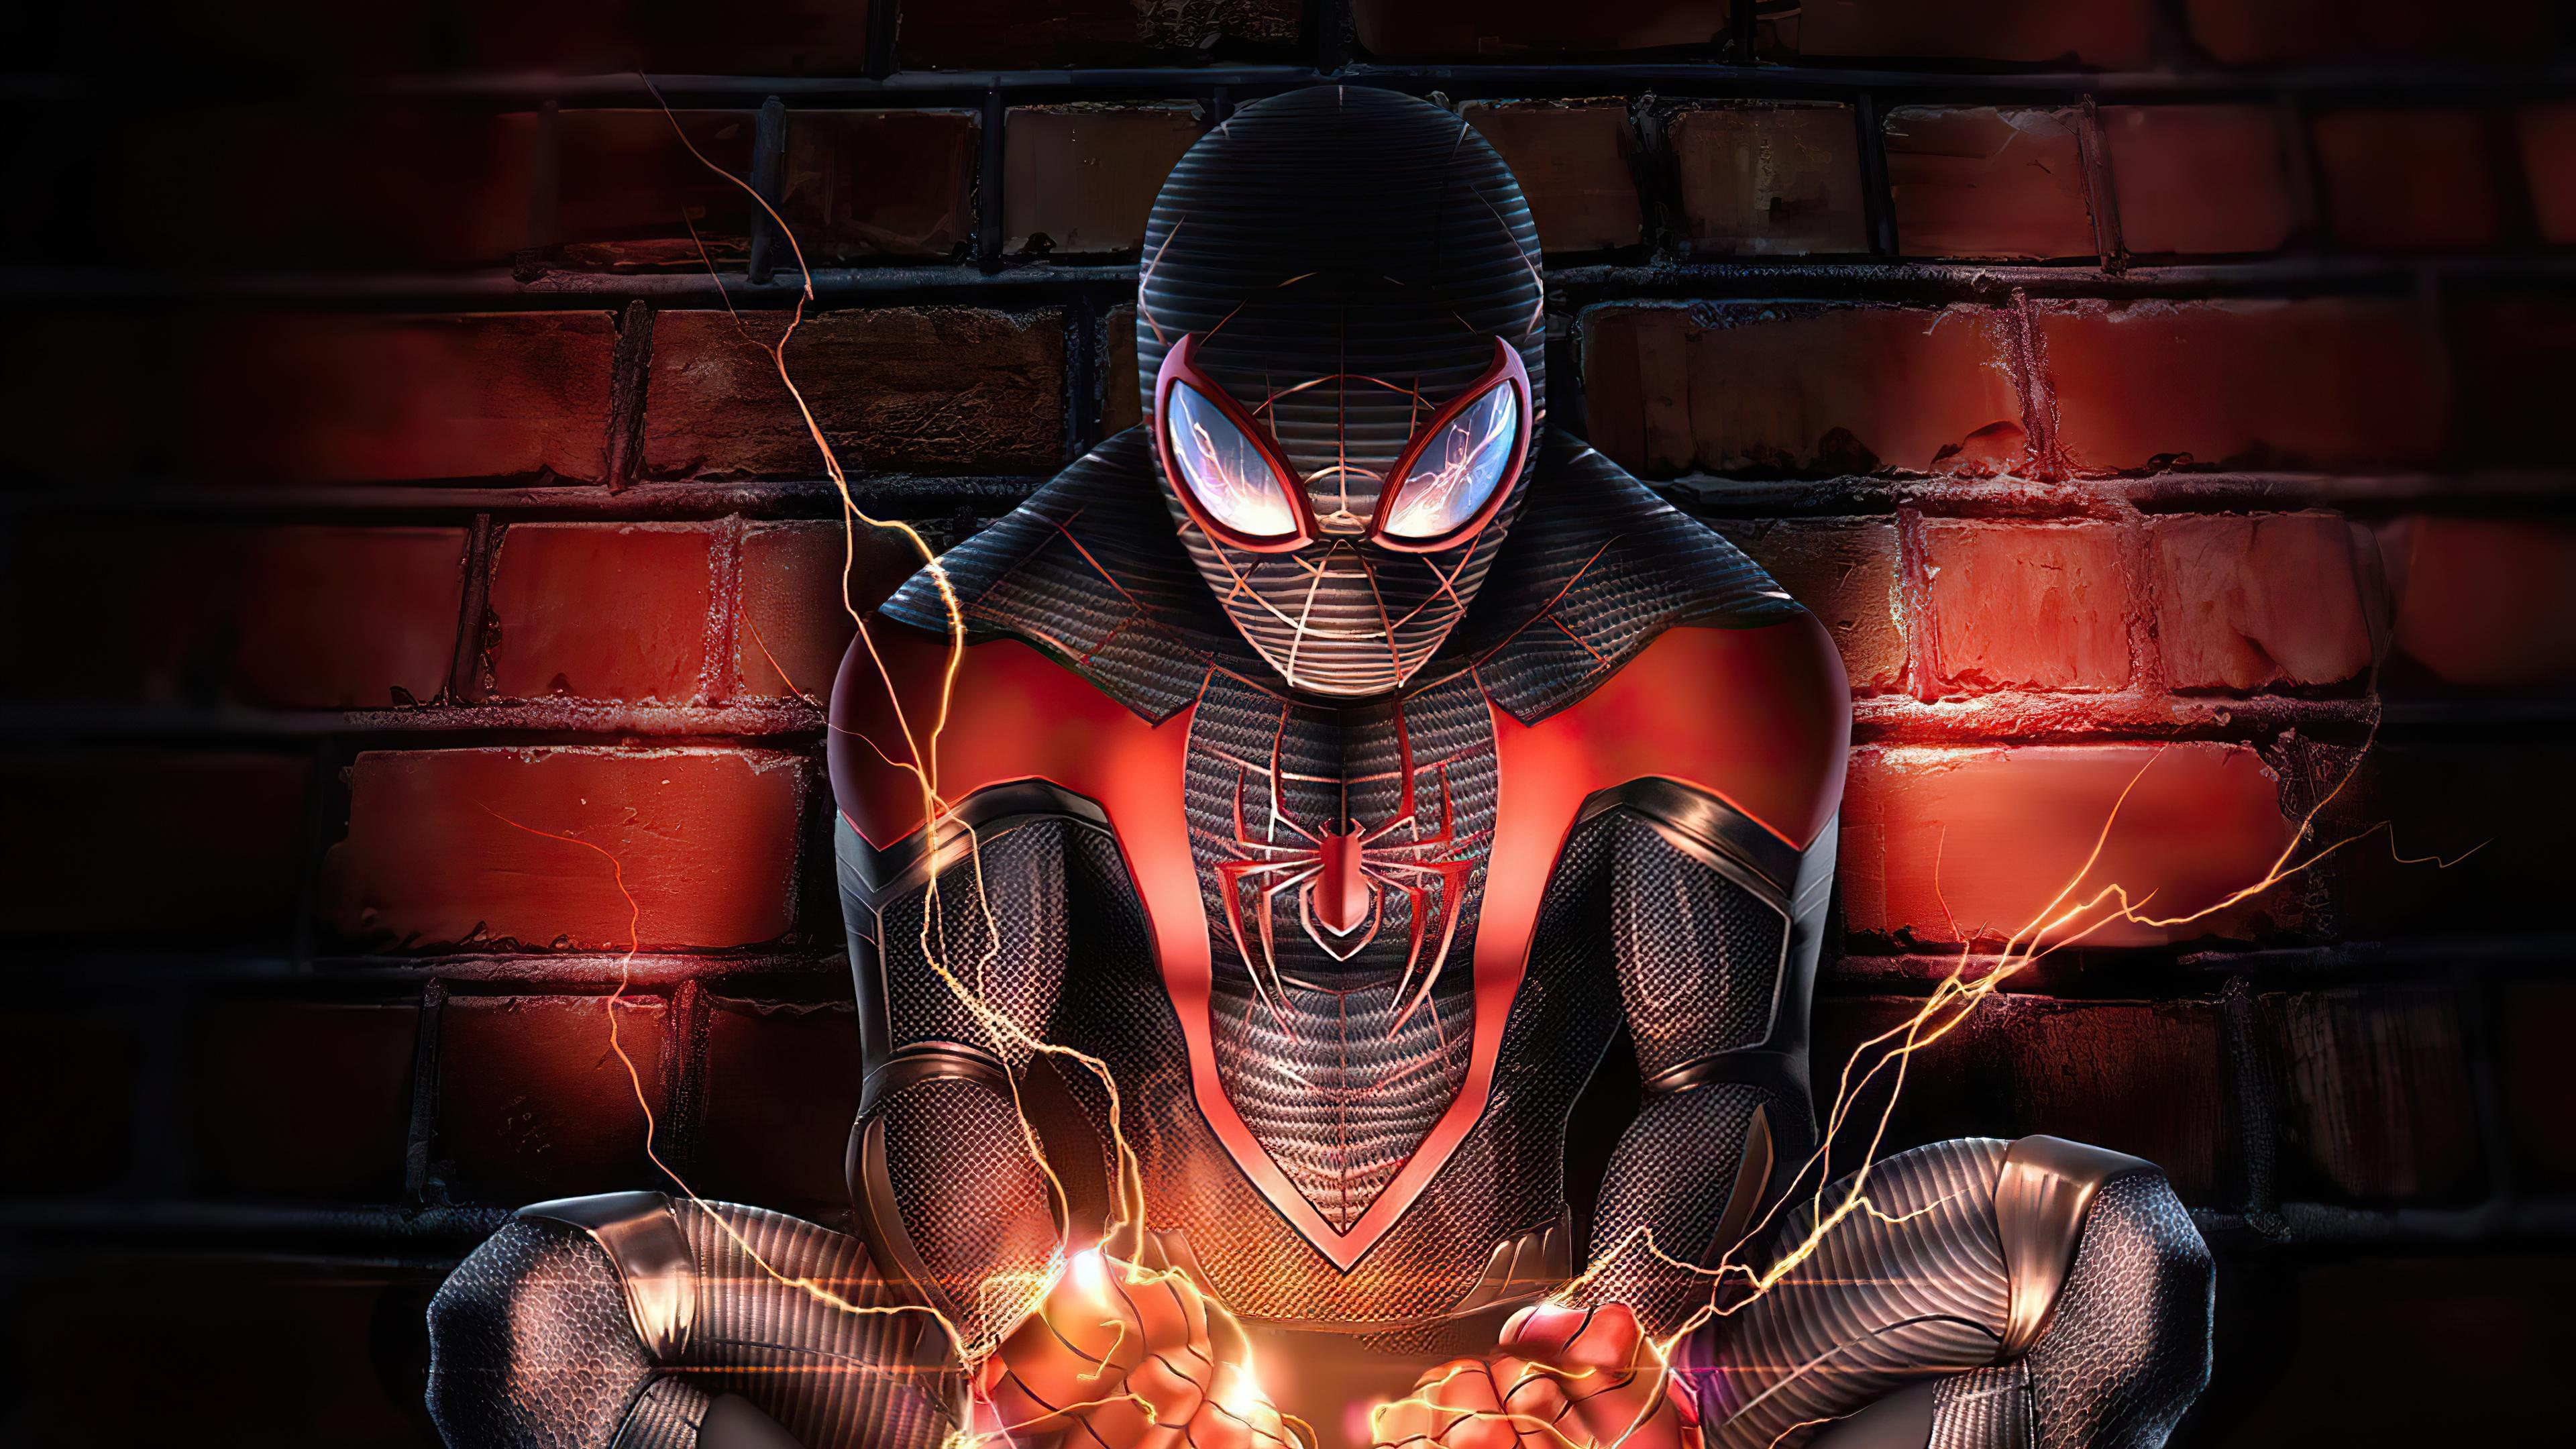 Marvel Spider Man New 4K Wallpaper, HD Superheroes 4K ...